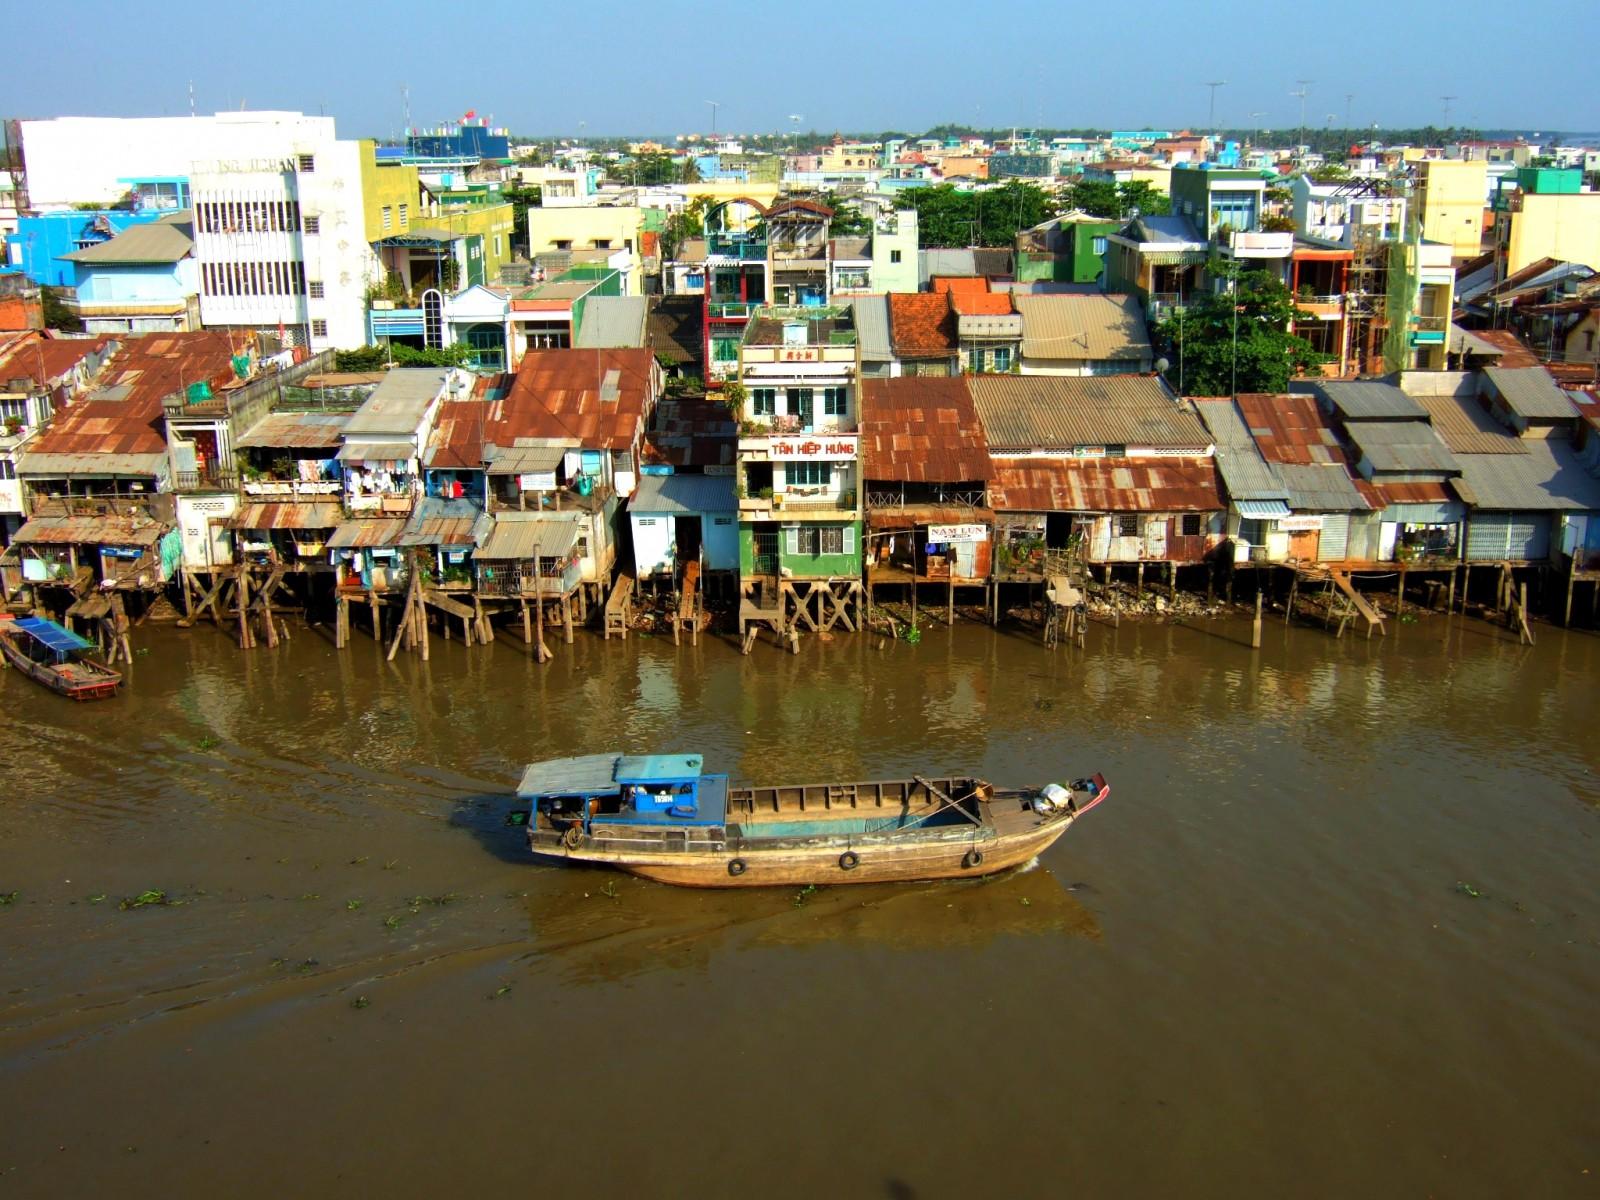 Old stilt houses on the Mekong River